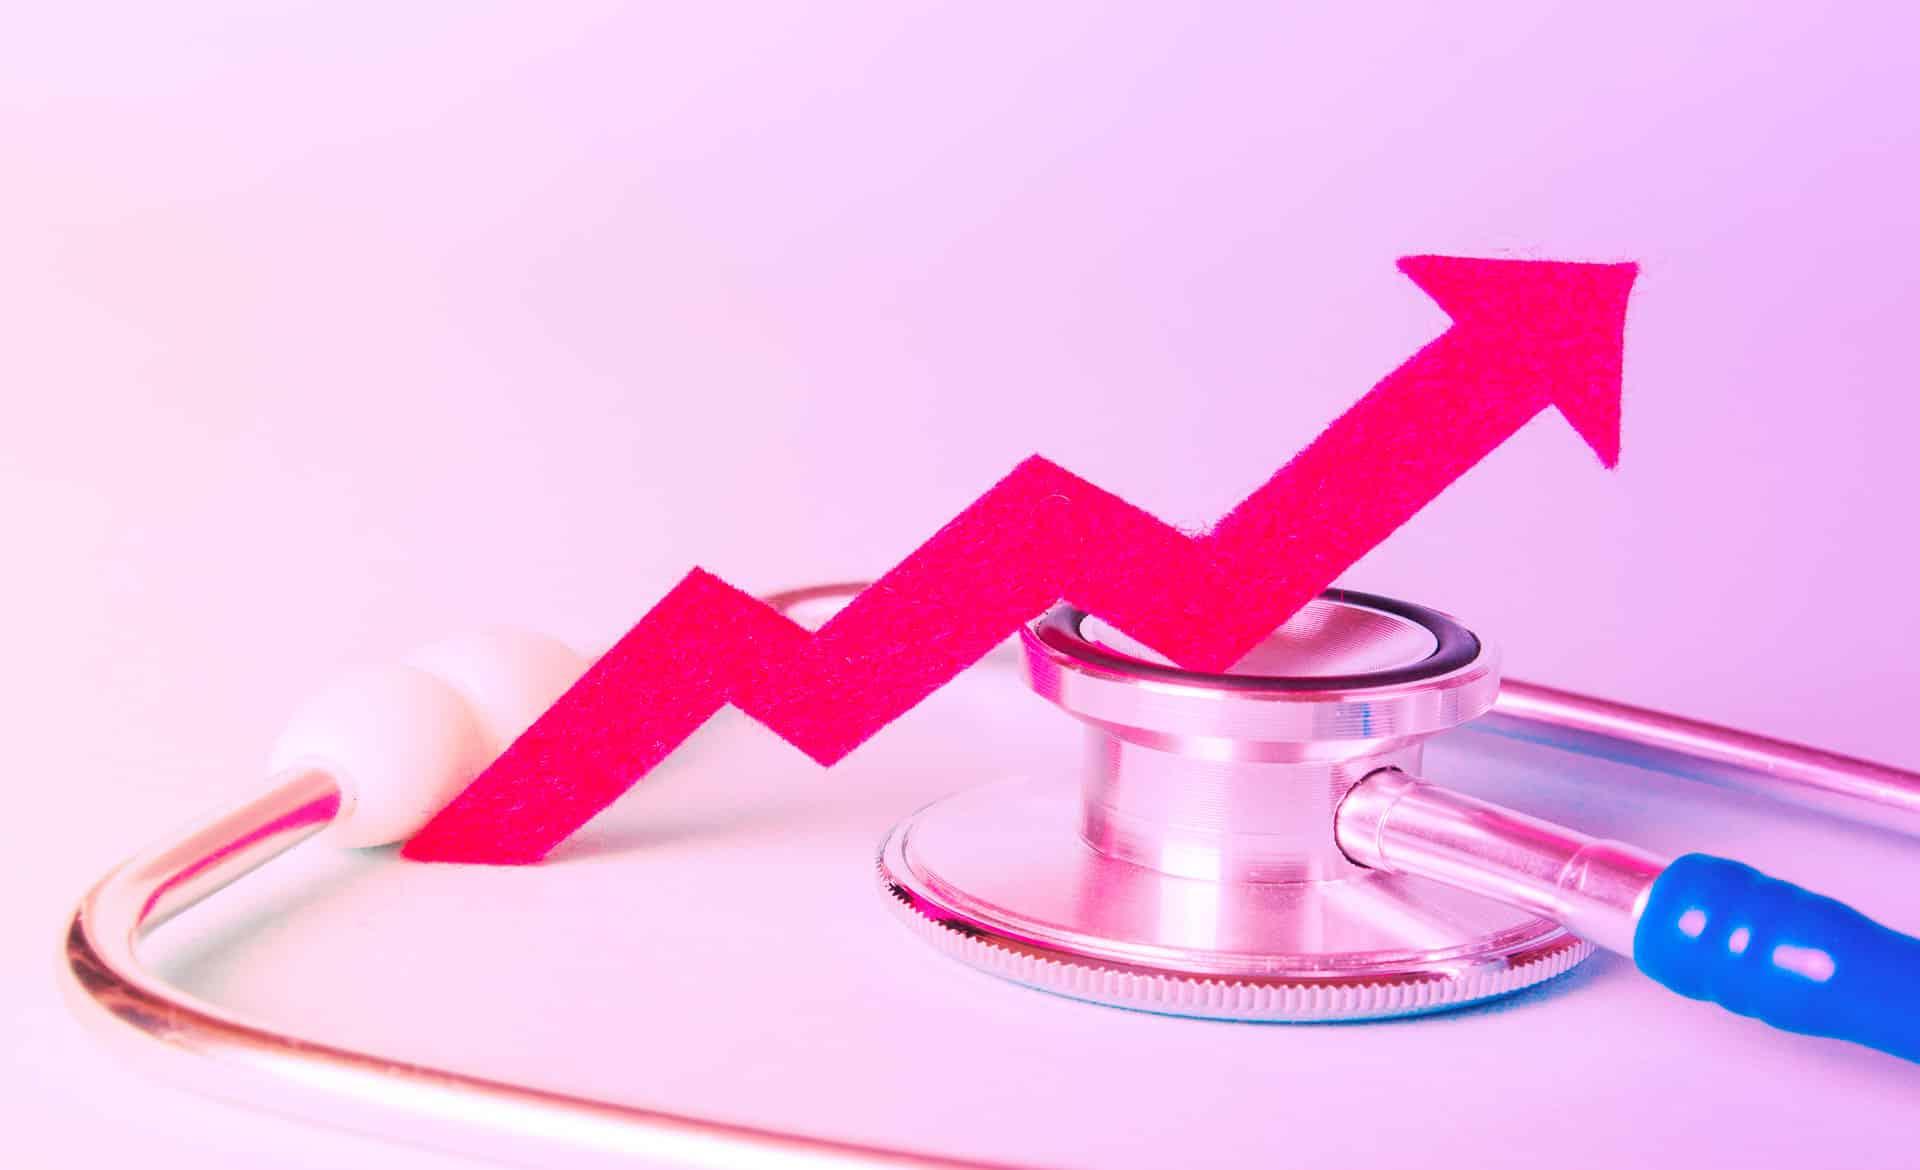 Câncer será a principal causa de mortalidade no mundo até 2030.